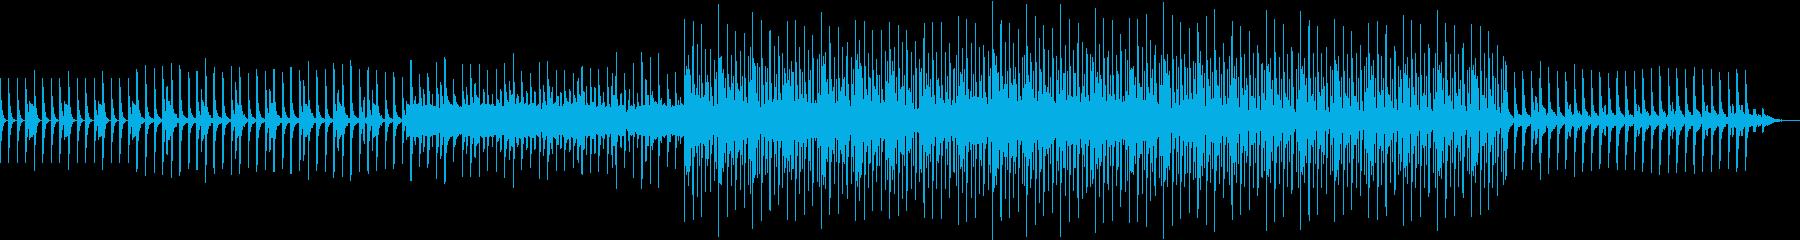 ダサい四つ打ちで踊りたくなる曲の再生済みの波形